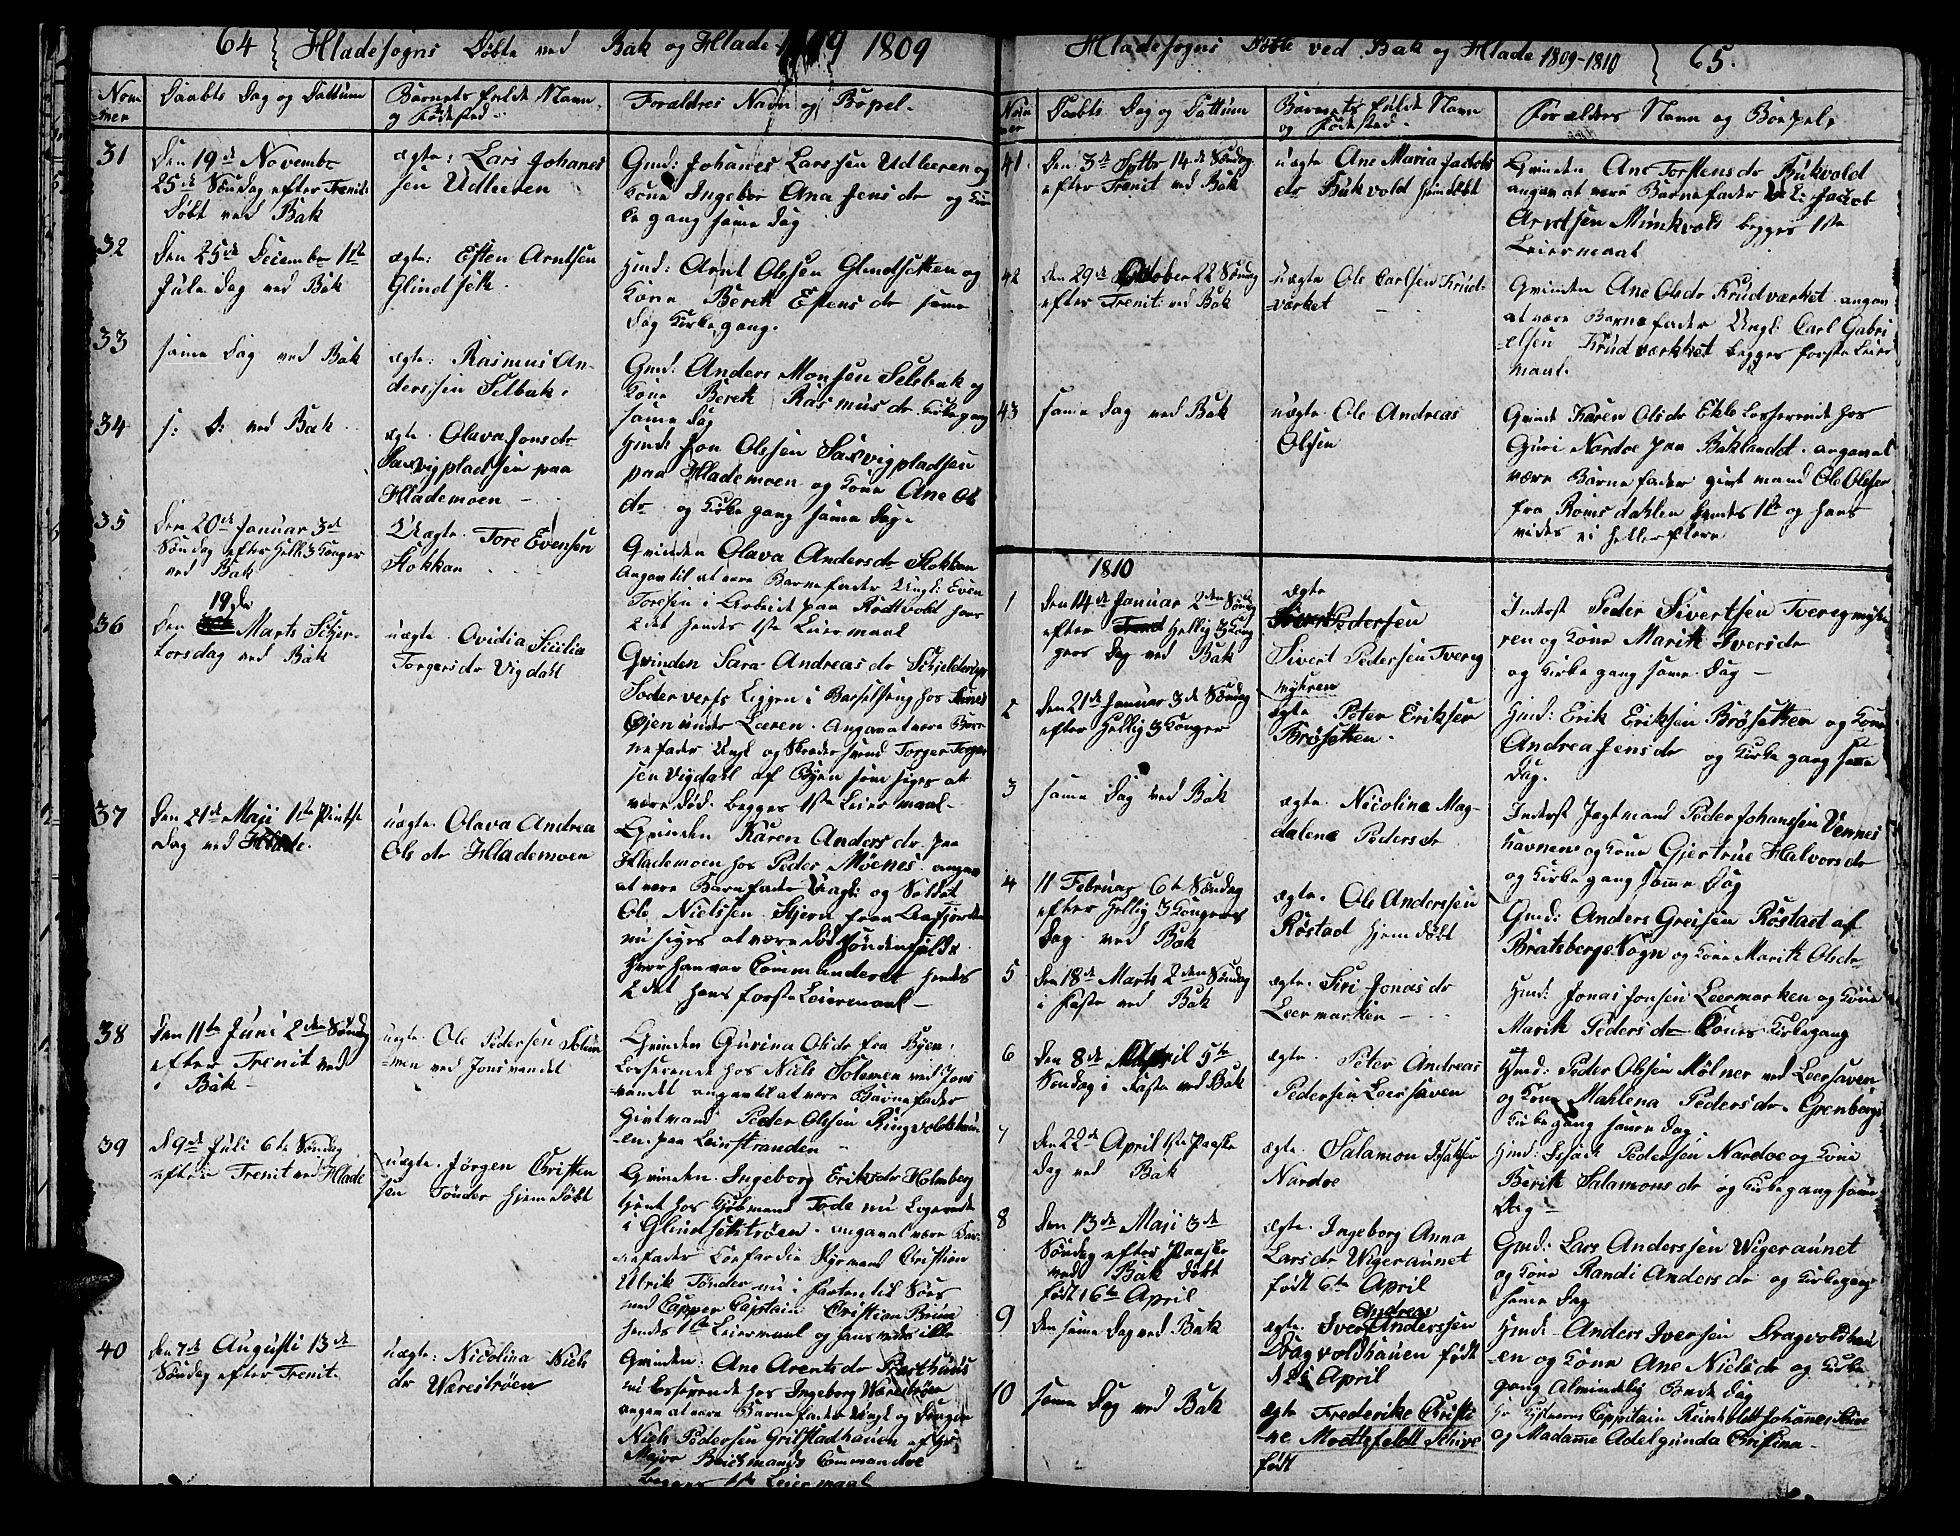 SAT, Ministerialprotokoller, klokkerbøker og fødselsregistre - Sør-Trøndelag, 606/L0306: Klokkerbok nr. 606C02, 1797-1829, s. 64-65